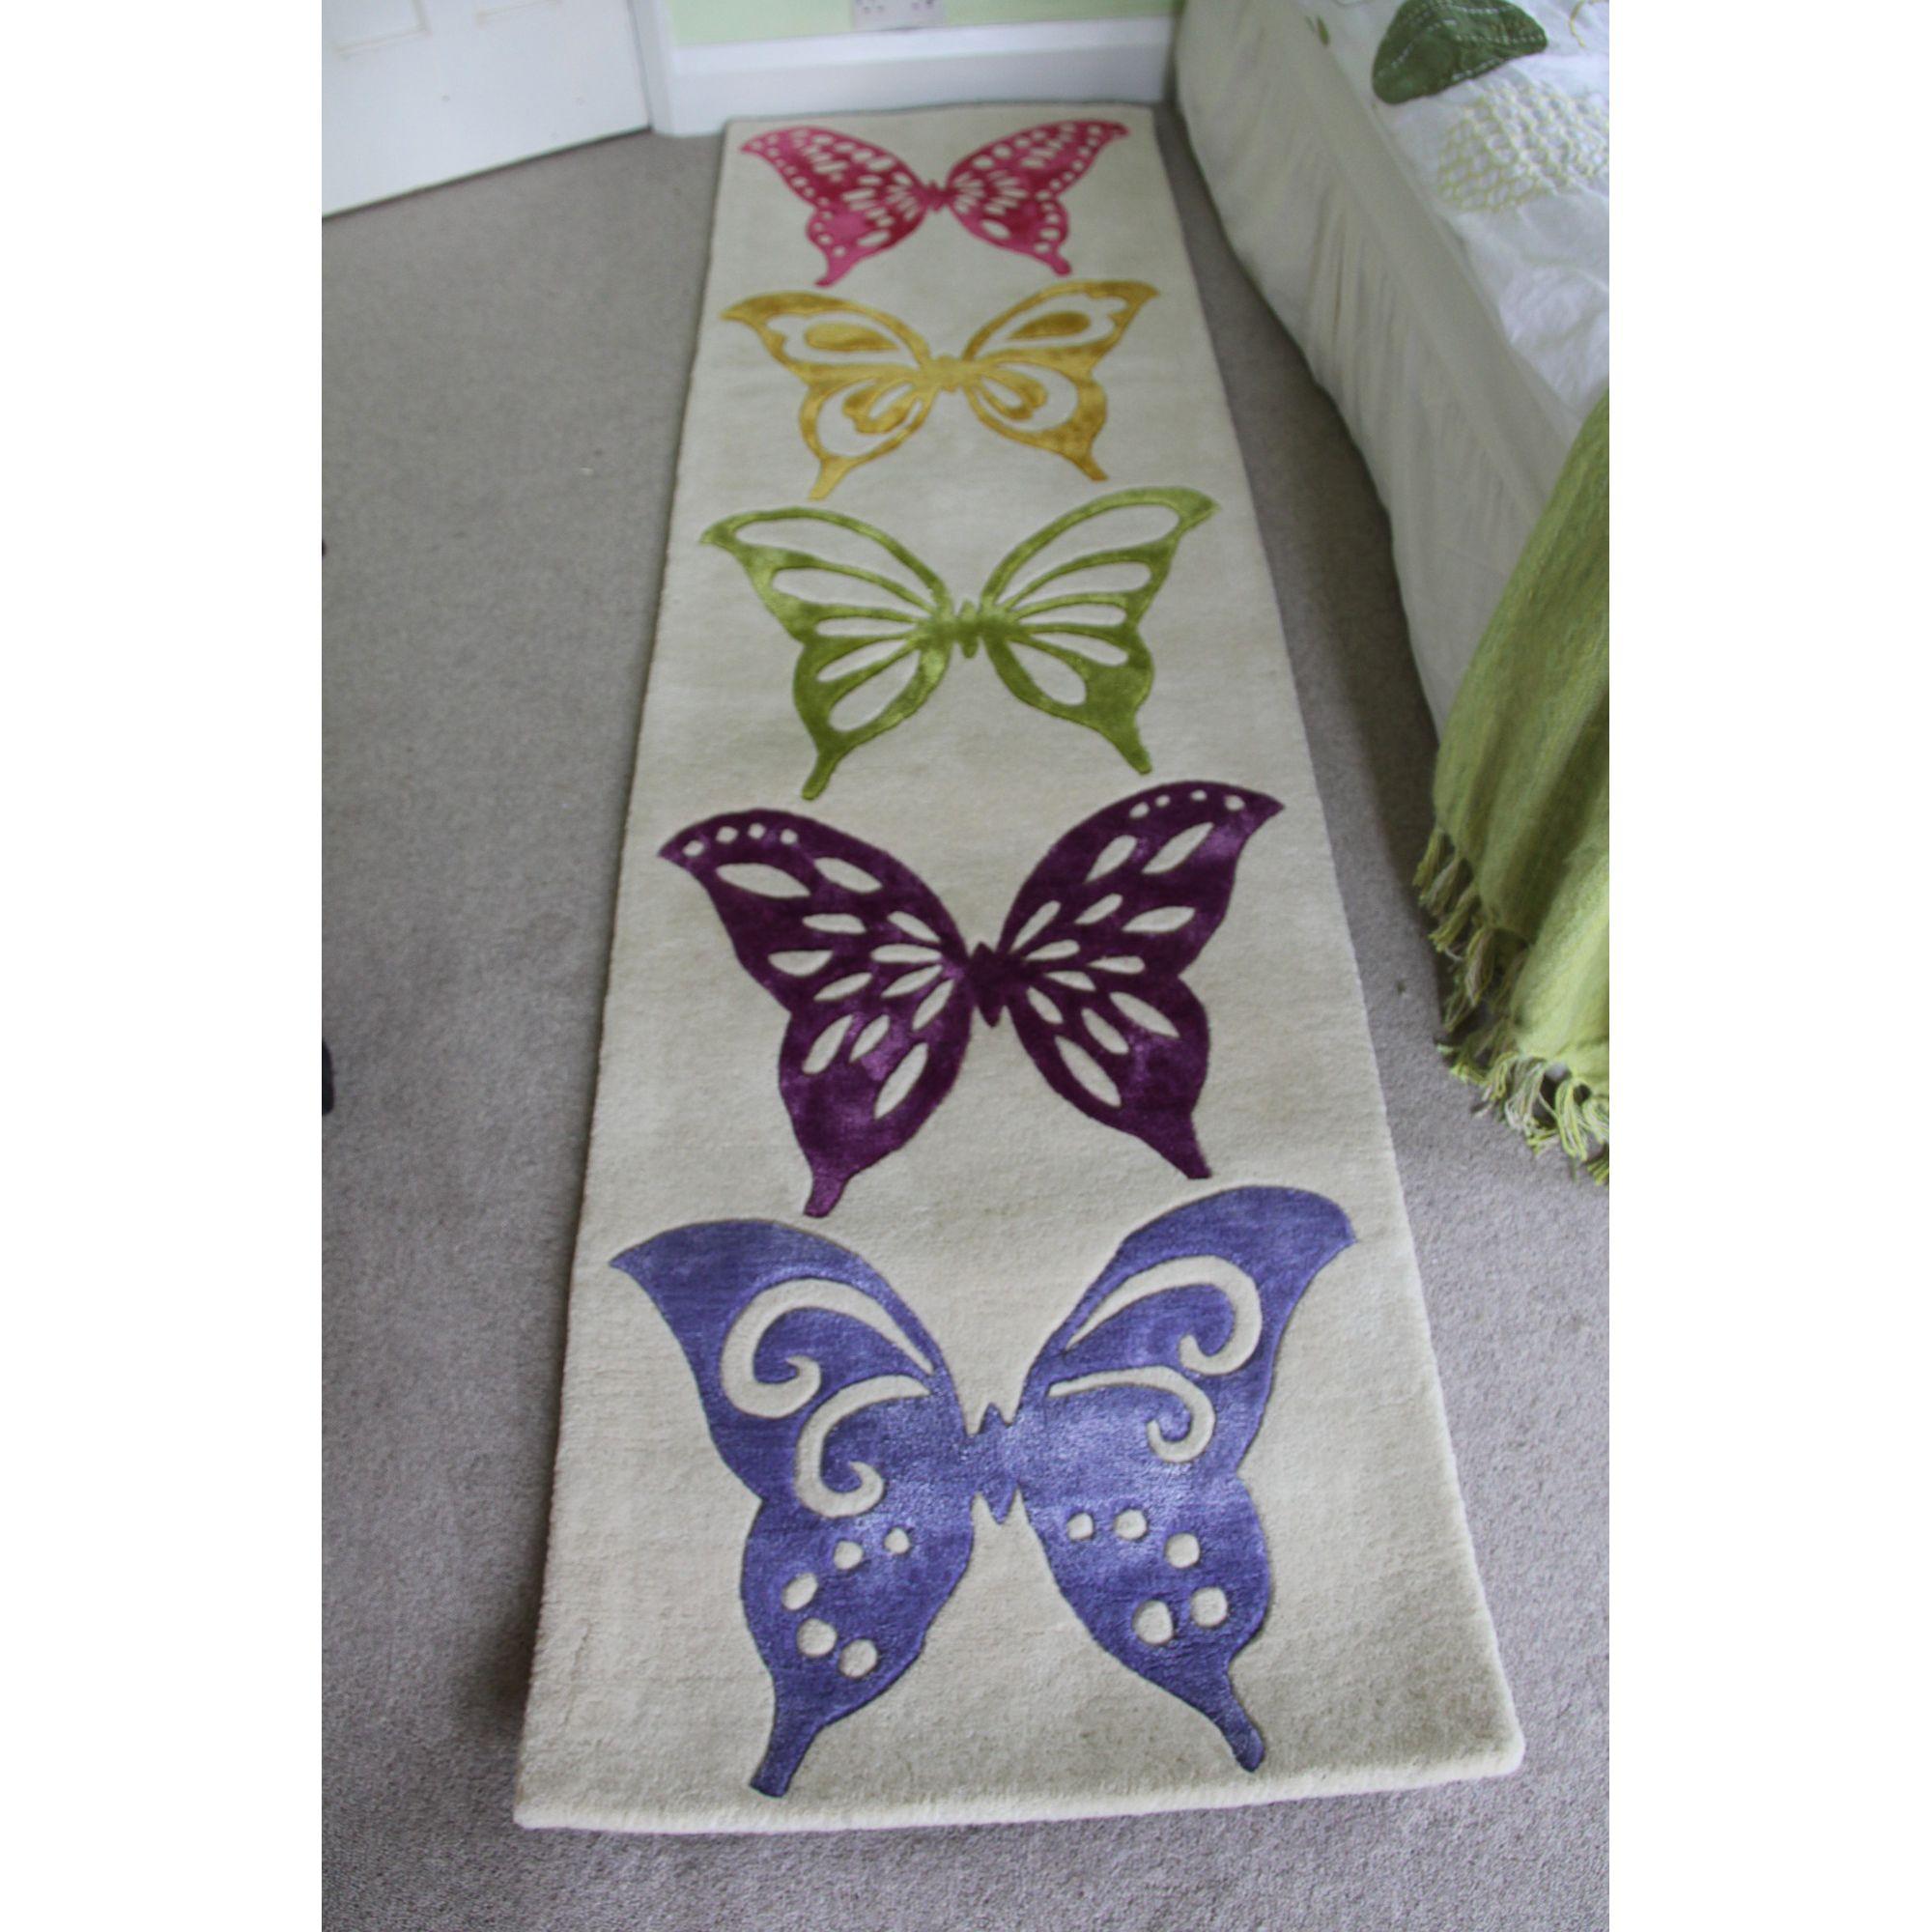 Anna V Rugs Love Butterflies Novelty Runner Rug - Runner 65cm x 244cm at Tesco Direct